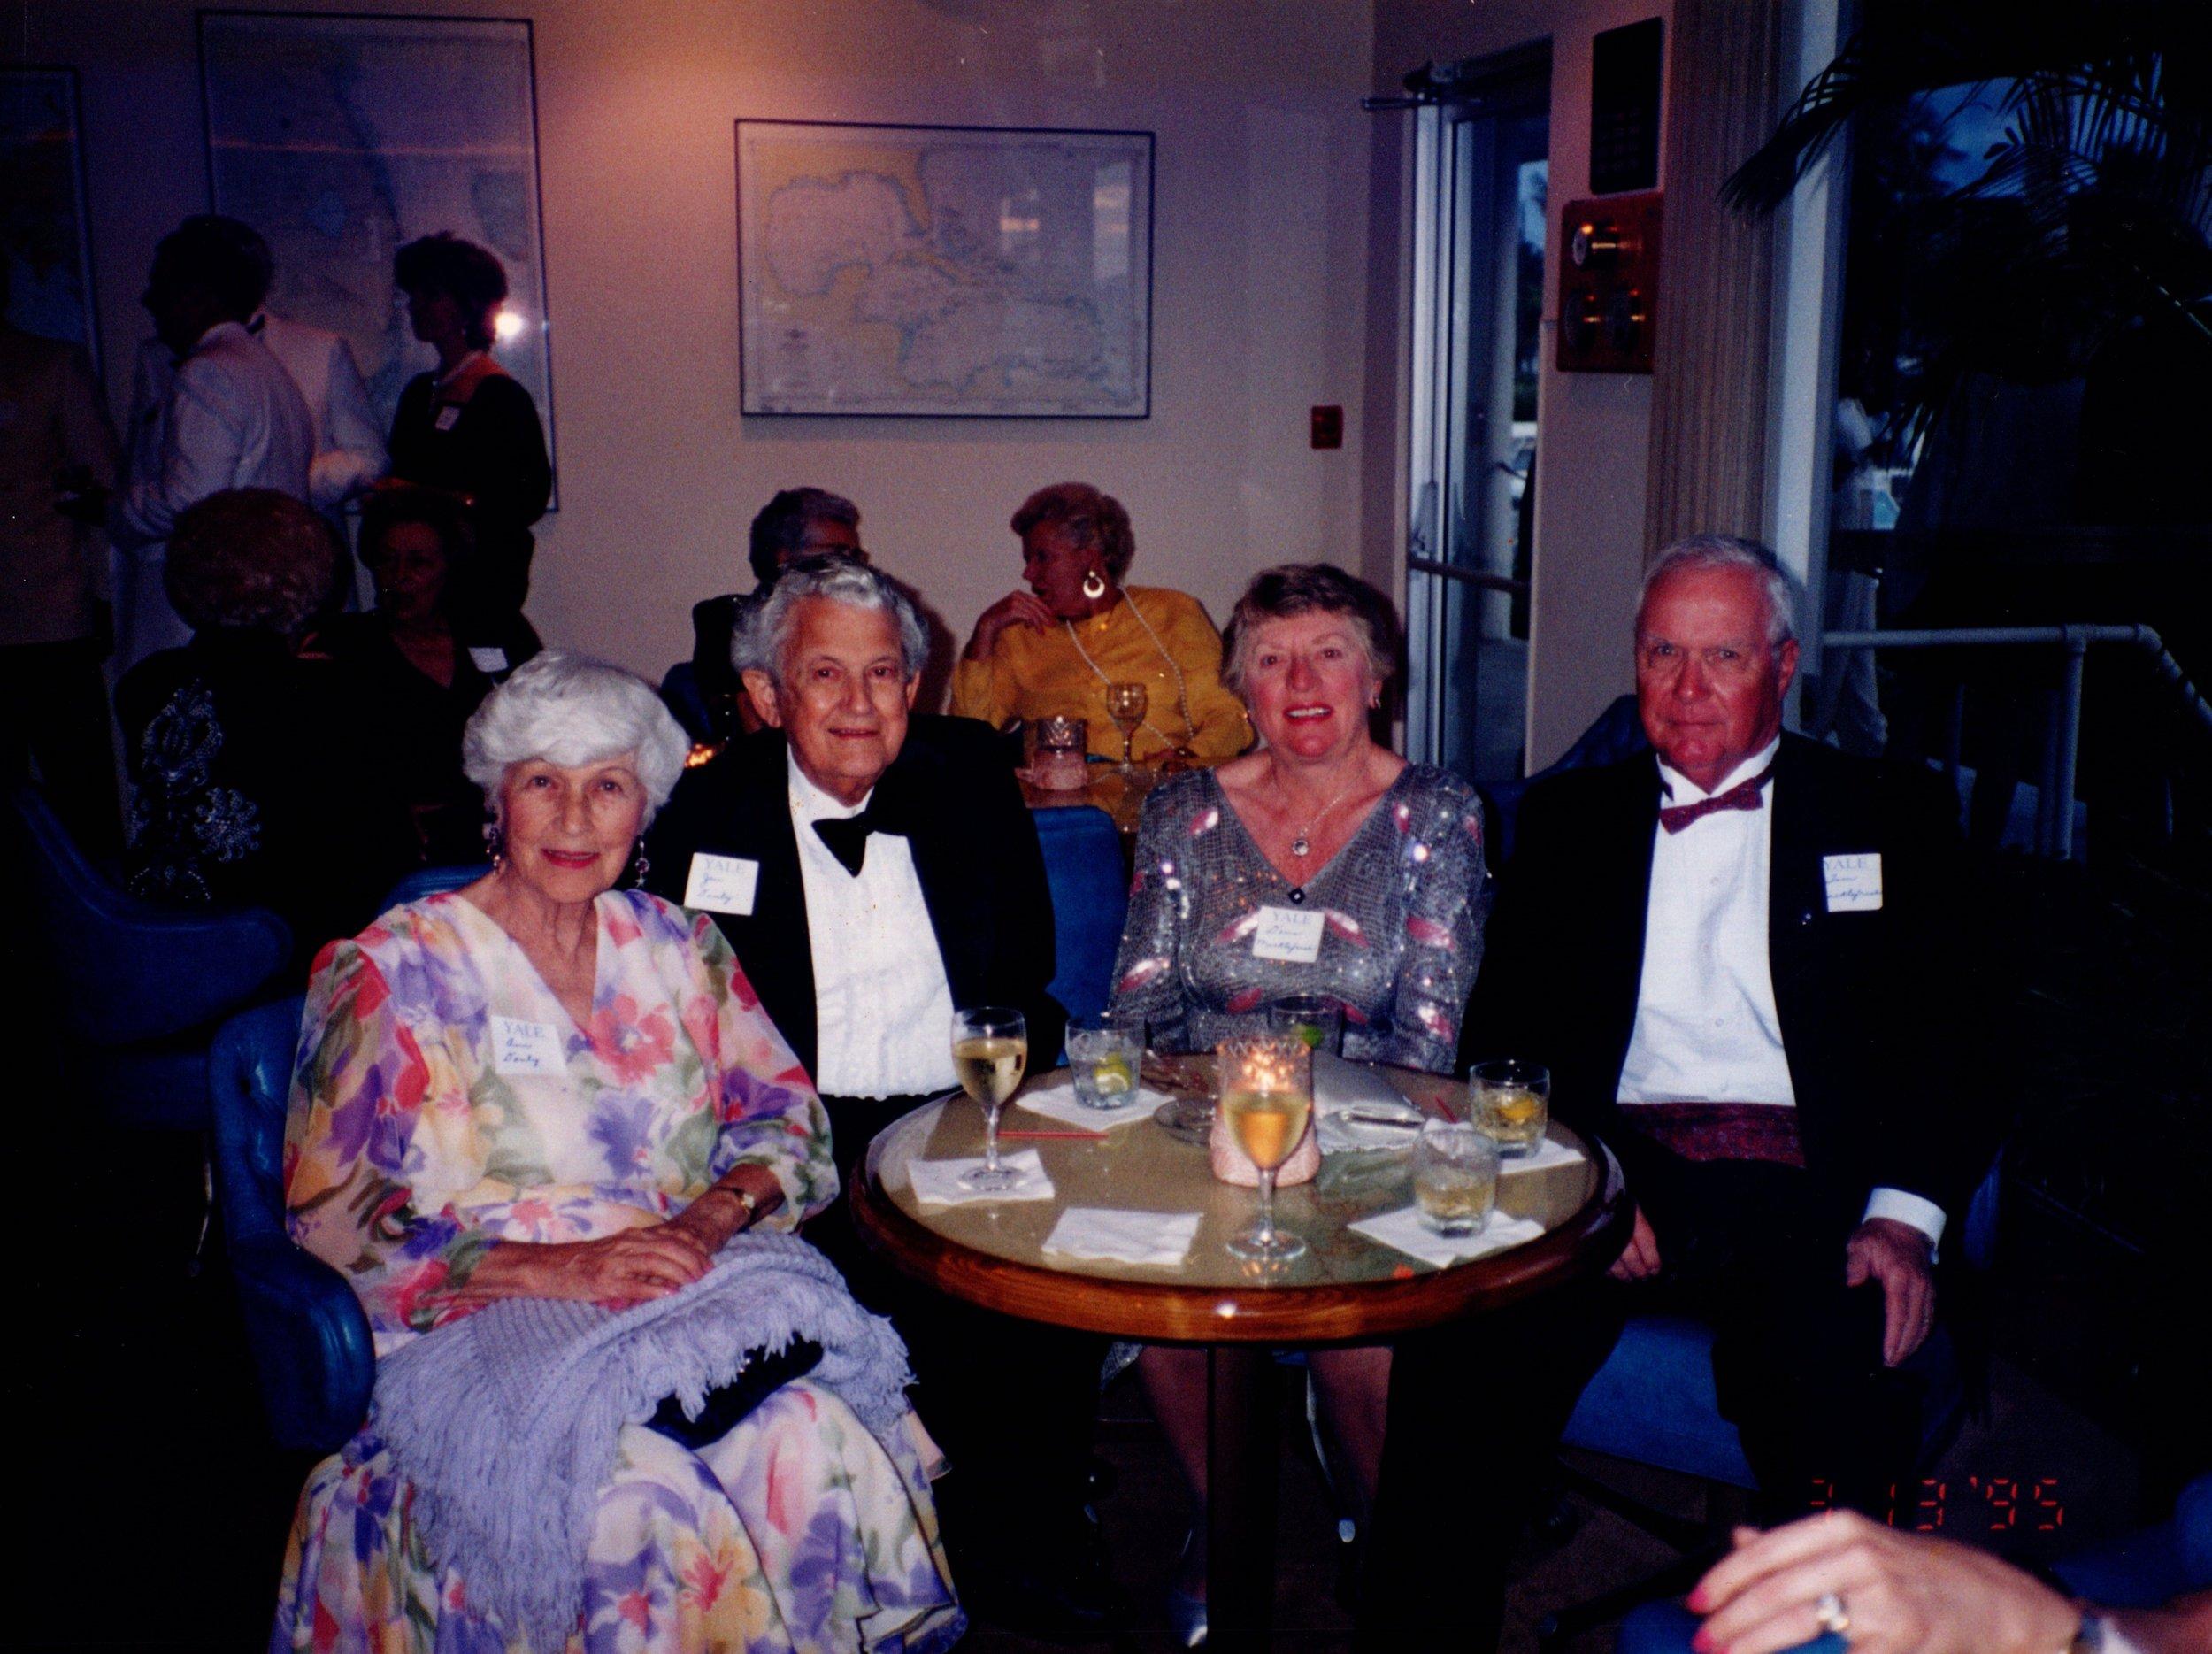 ANN DANLY, JIM DANLY '39S, DORIS MACKELFRESH, TOM MACKELFRESH '51